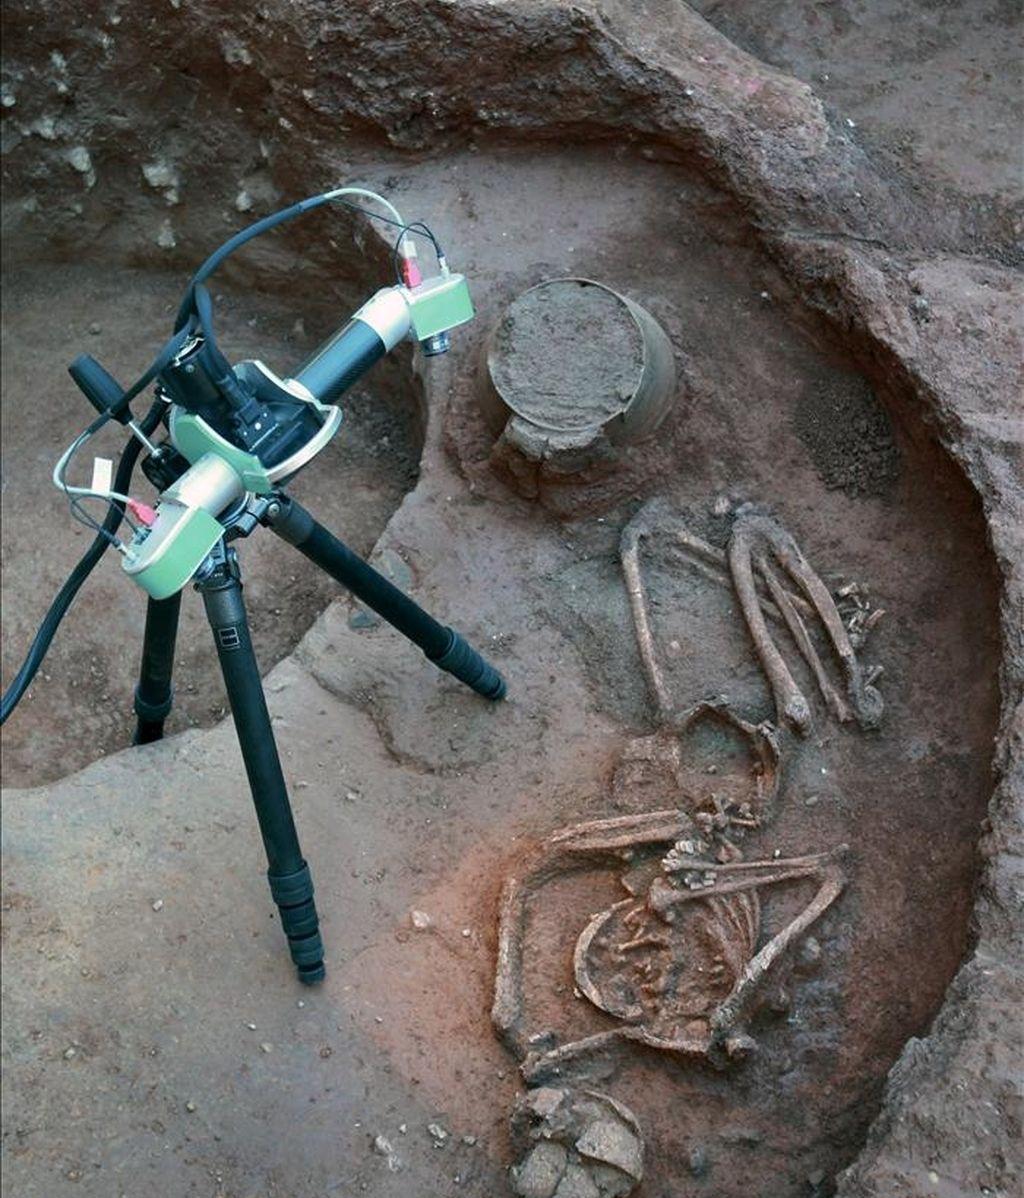 Un aparato de investigadores del CSIC realiza un escáner en tres dimensiones de la tumba en la que se ha encontrado el esqueleto de una mujer que vivió hace 6.000 años, descubierto al realizarse unas obras en la plaza de la Garduña de Barcelona. EFE